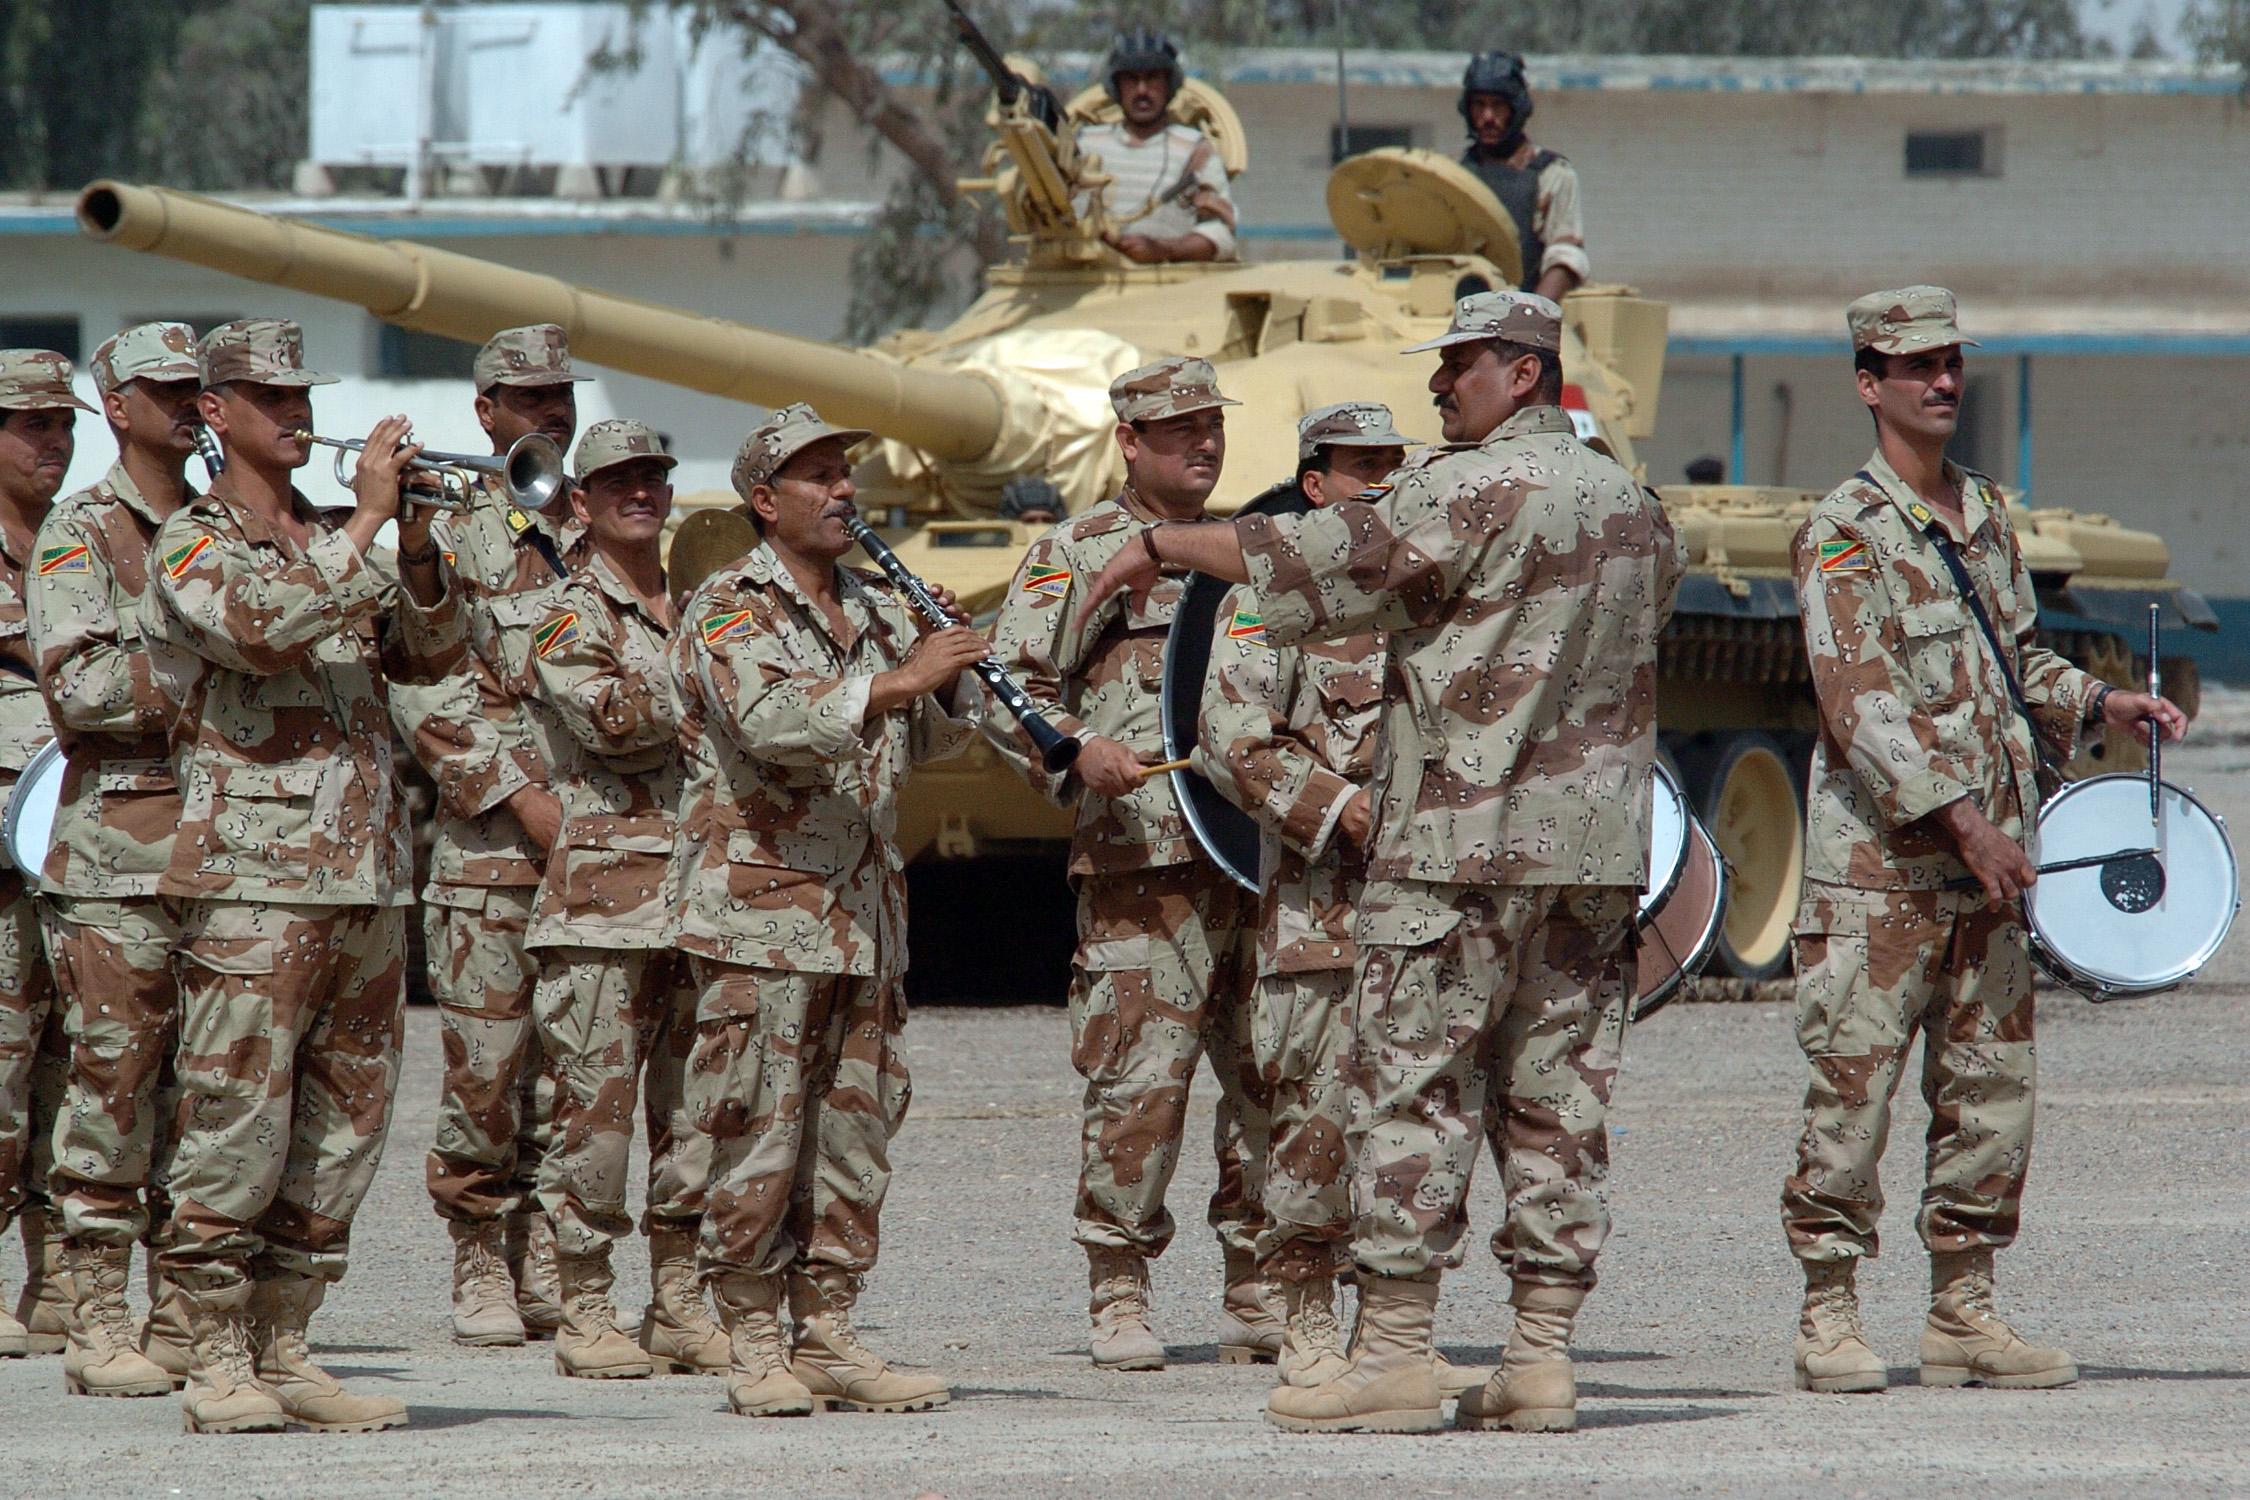 لمسك الأرض والملف الأمني .. قائد عمليات نينوى: الفرقة 20 ستمسك الجانب الغربي للموصل